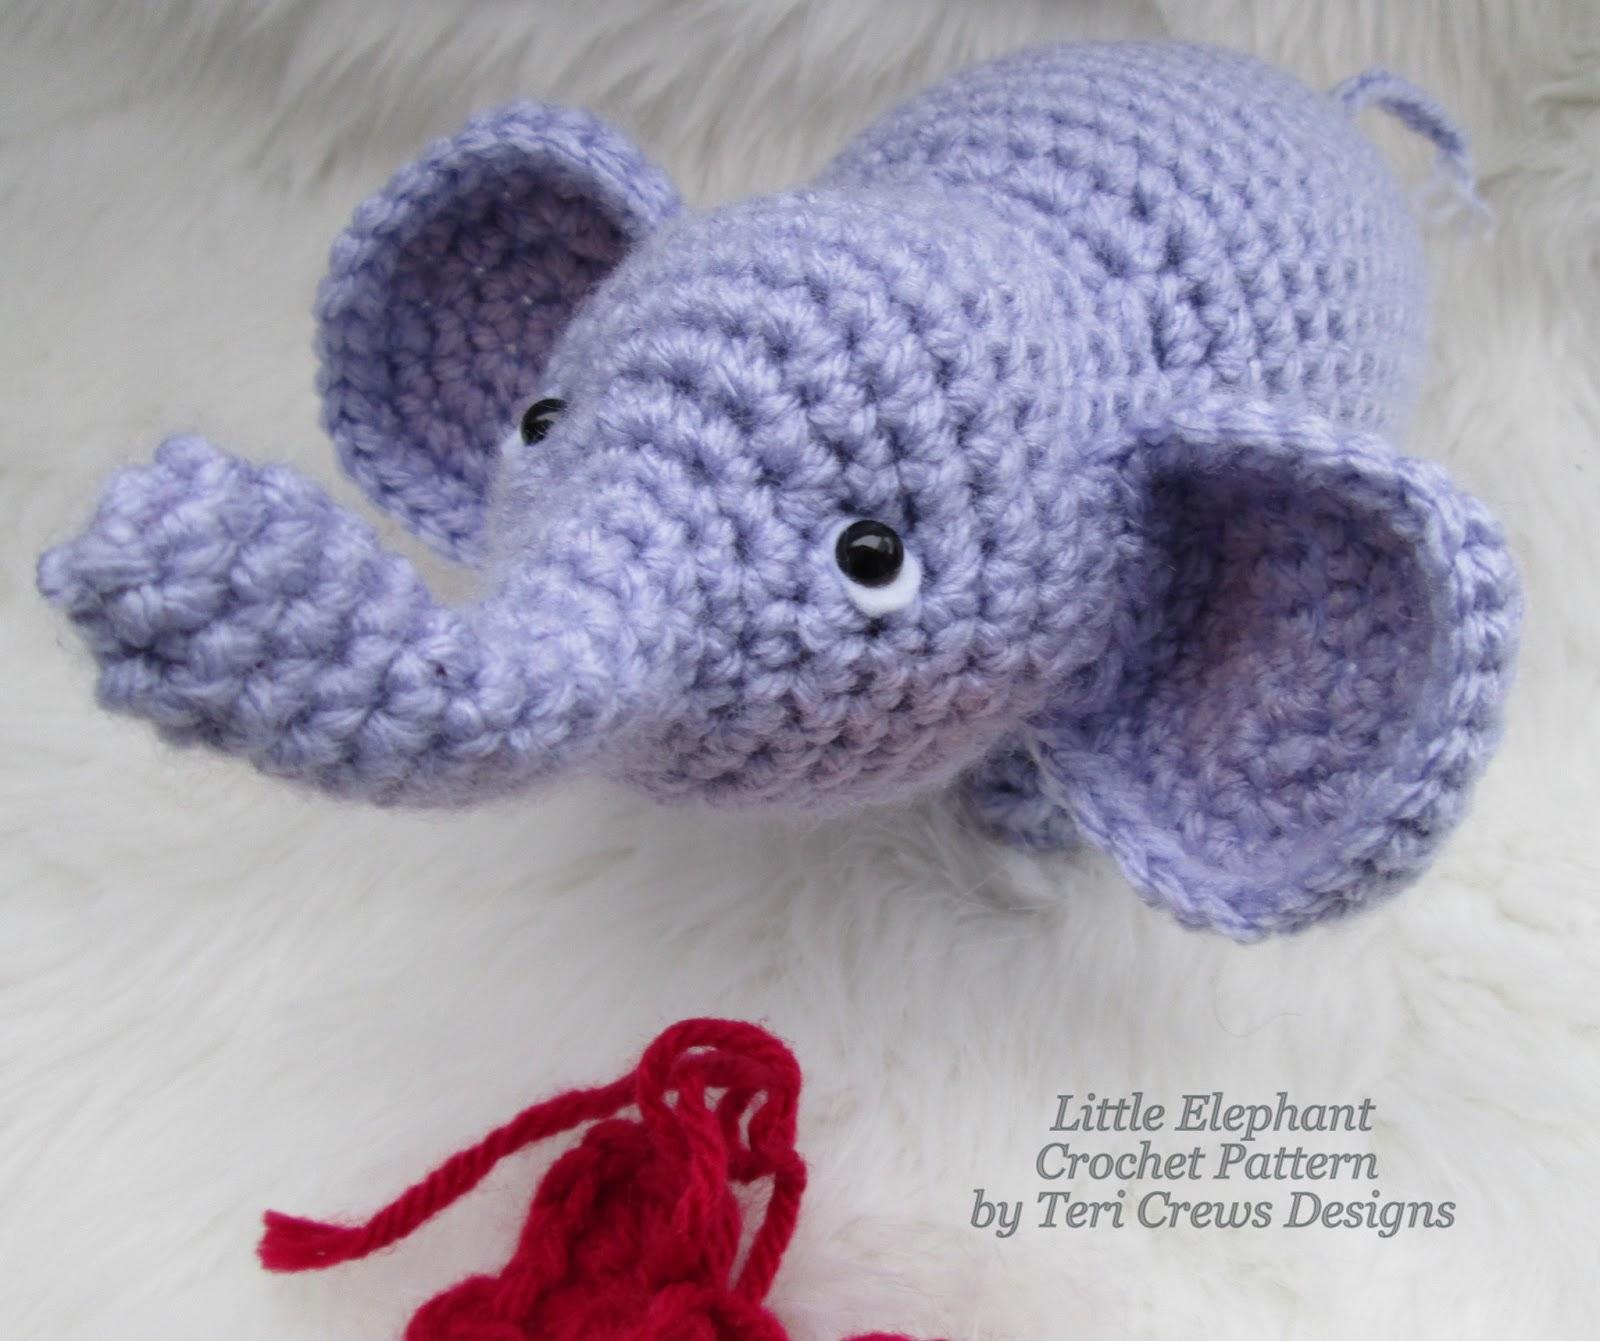 Teri's Blog: Free Little Elephant Crochet Pattern